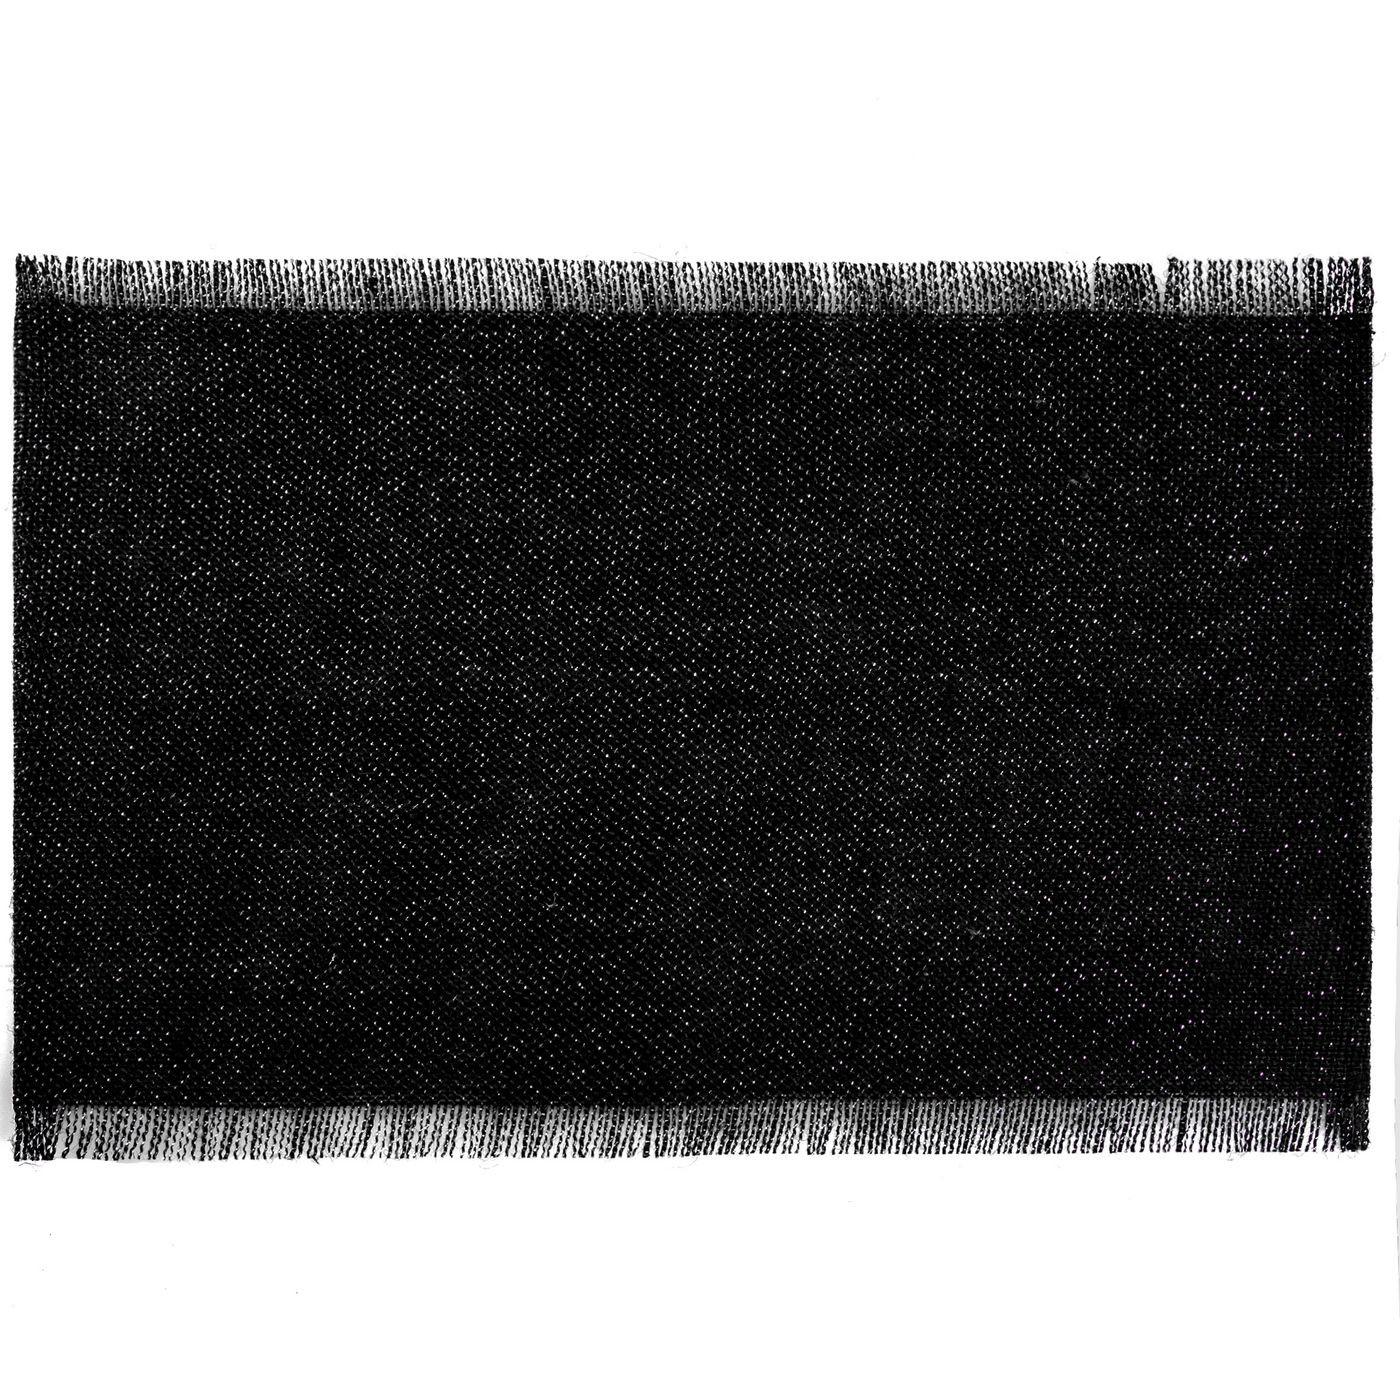 Czarna podkładka stołowa z frędzlami 30x45 cm